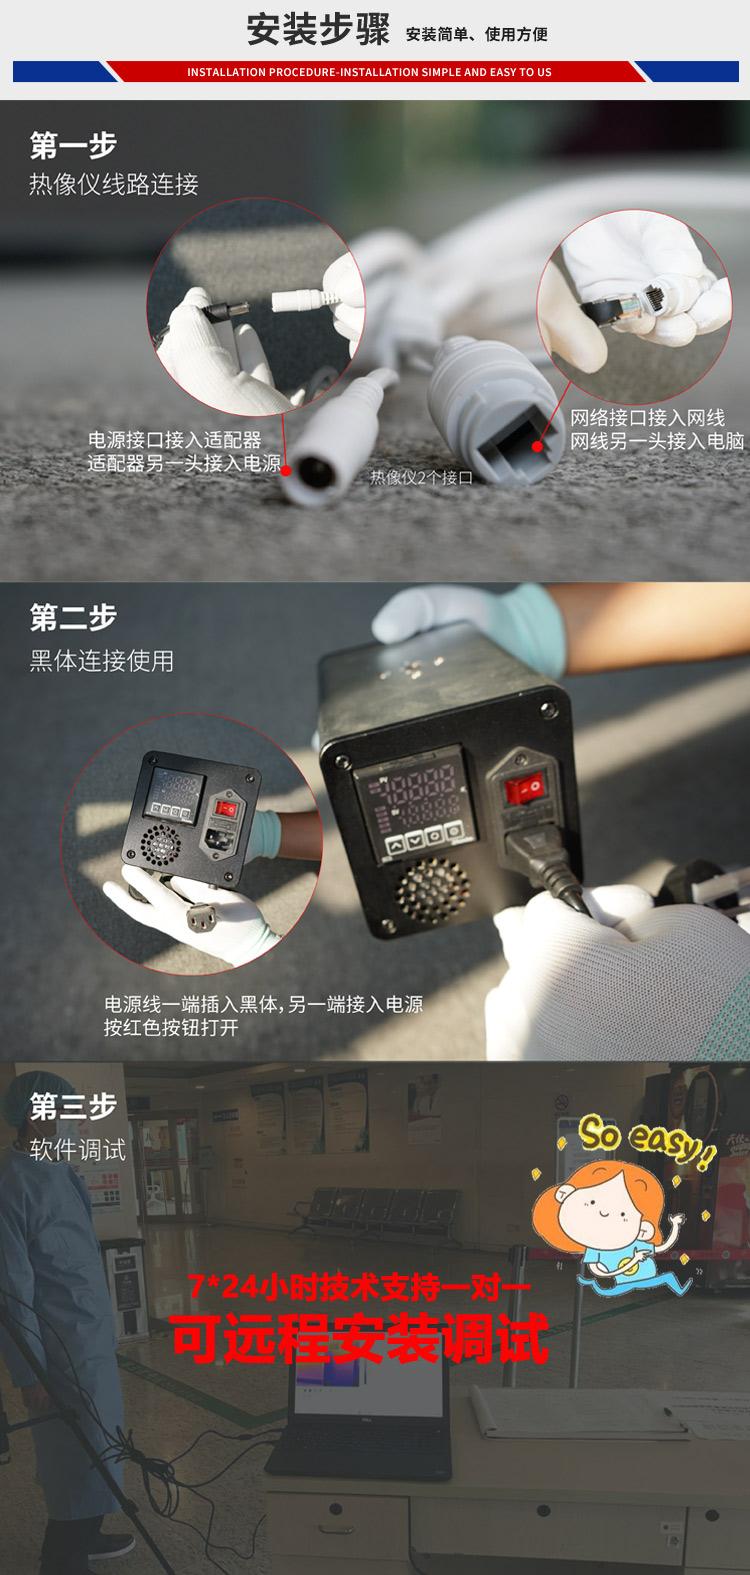 双光人体测温热像仪